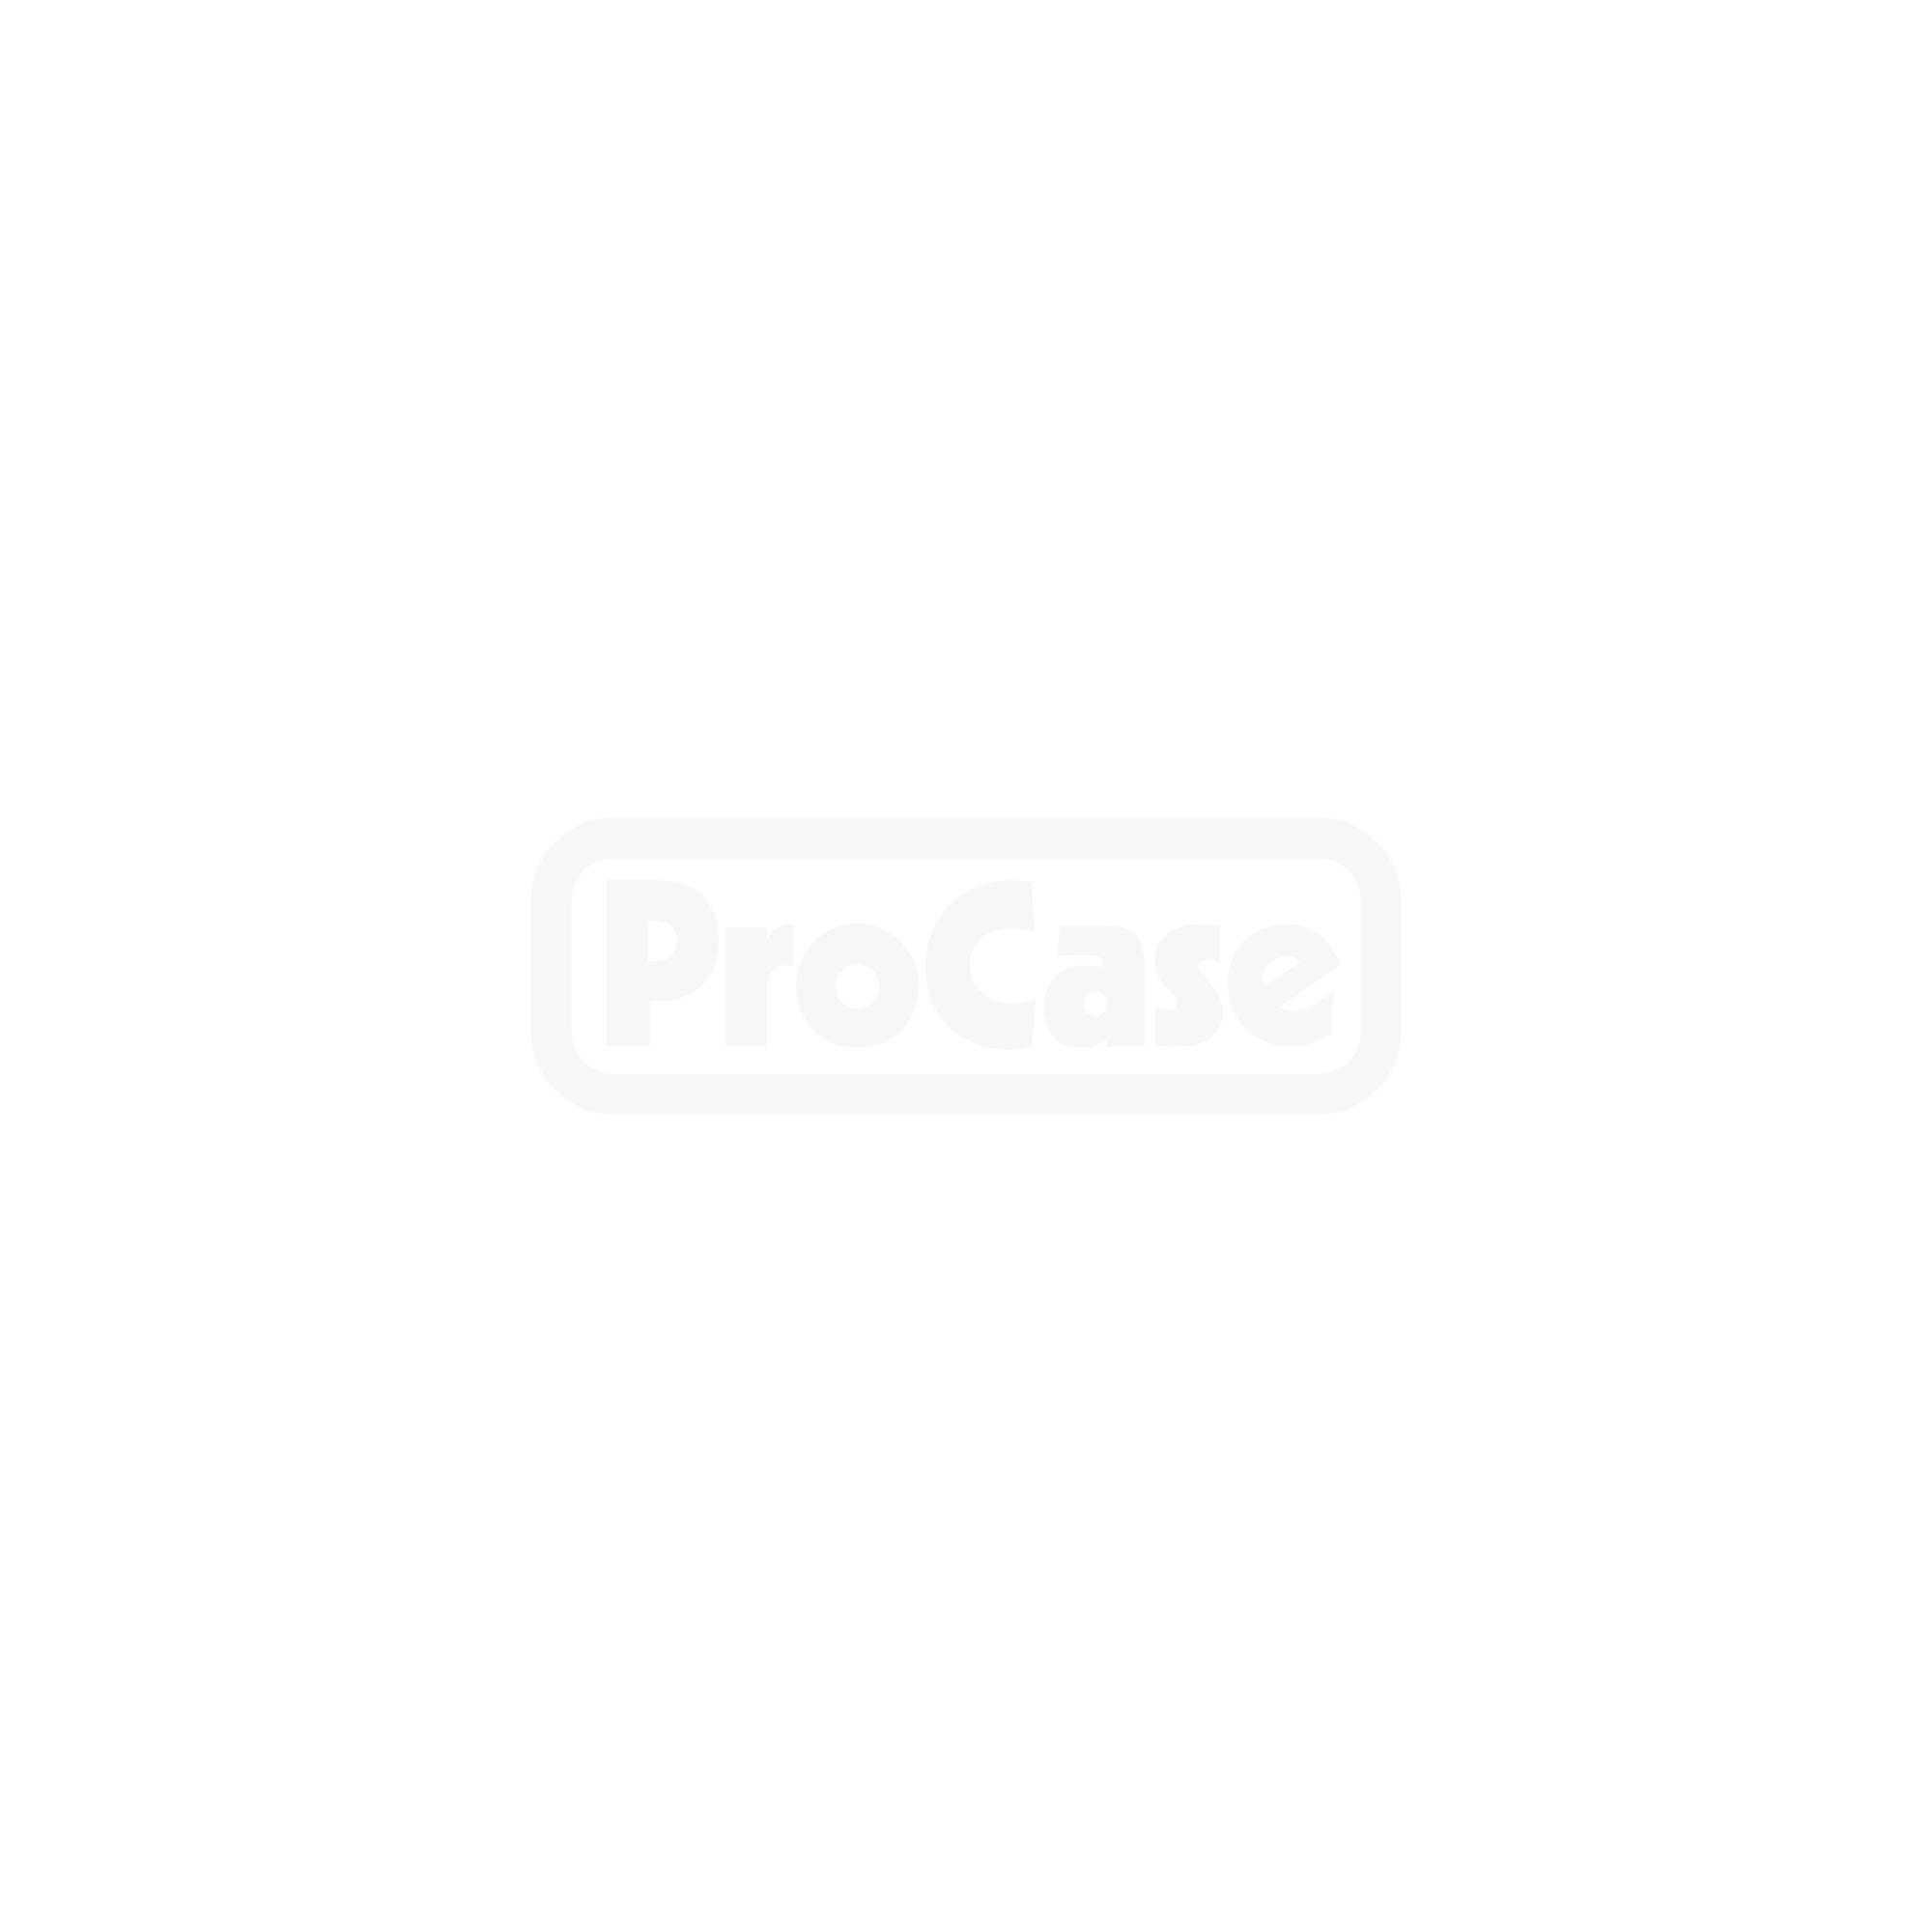 Flightcase für 8 BenQ GW2260HM Displays ohne Standfuß